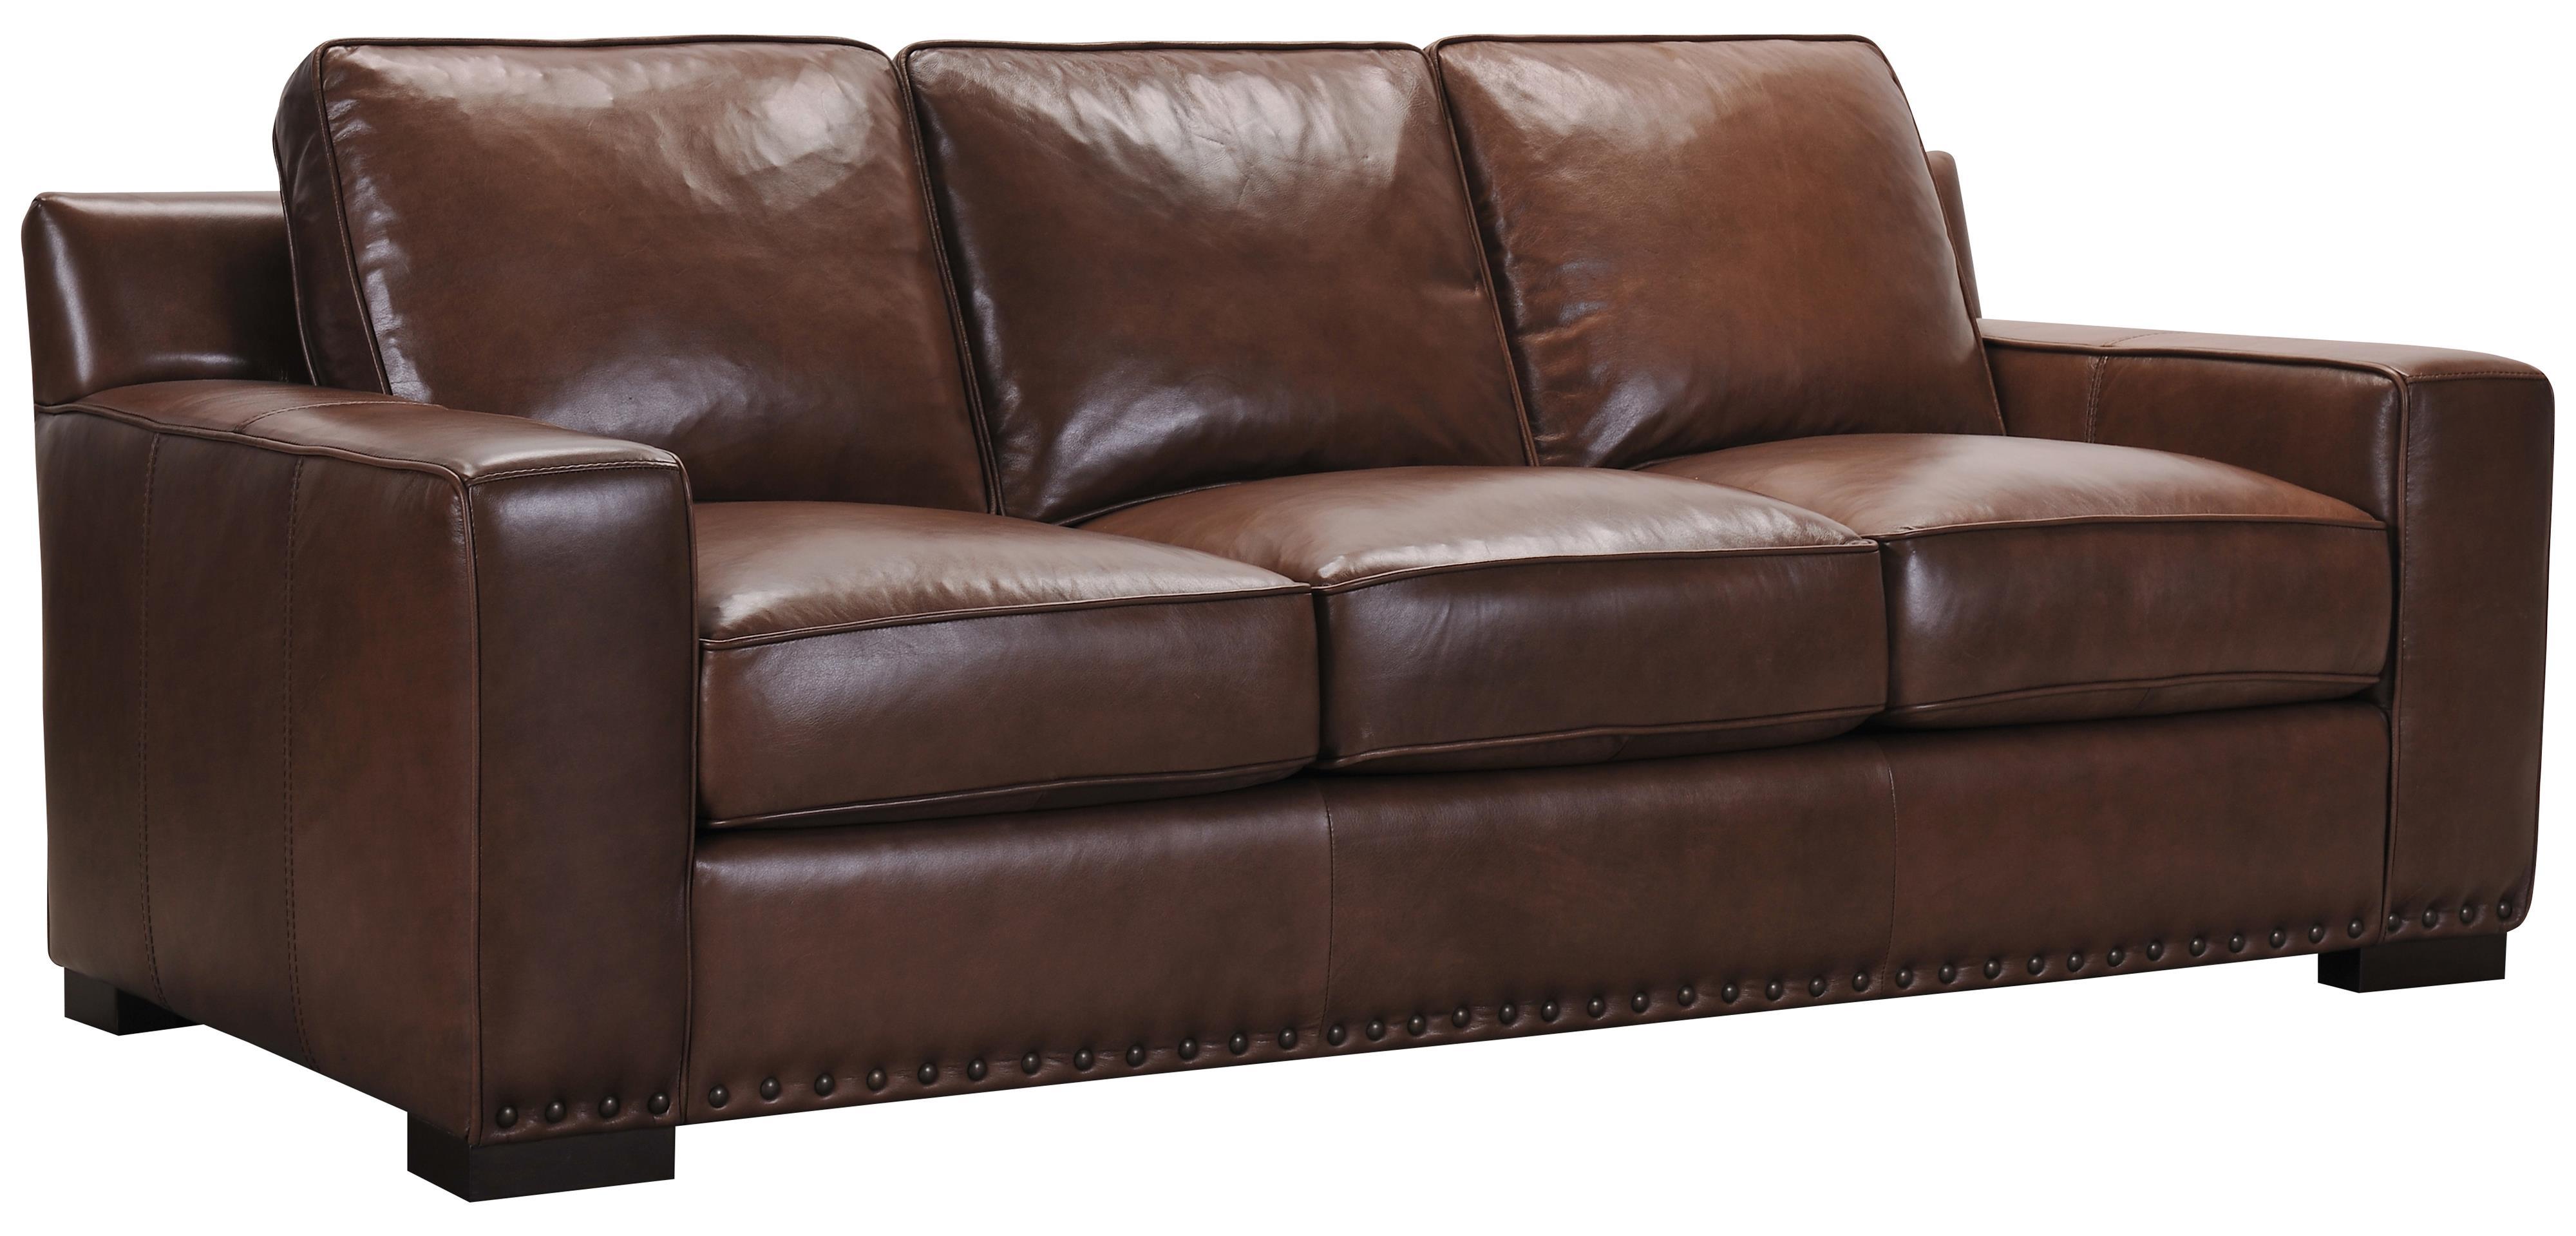 Belfort Select Patrick Brown Leather Sofa - Item Number: 3584-3P